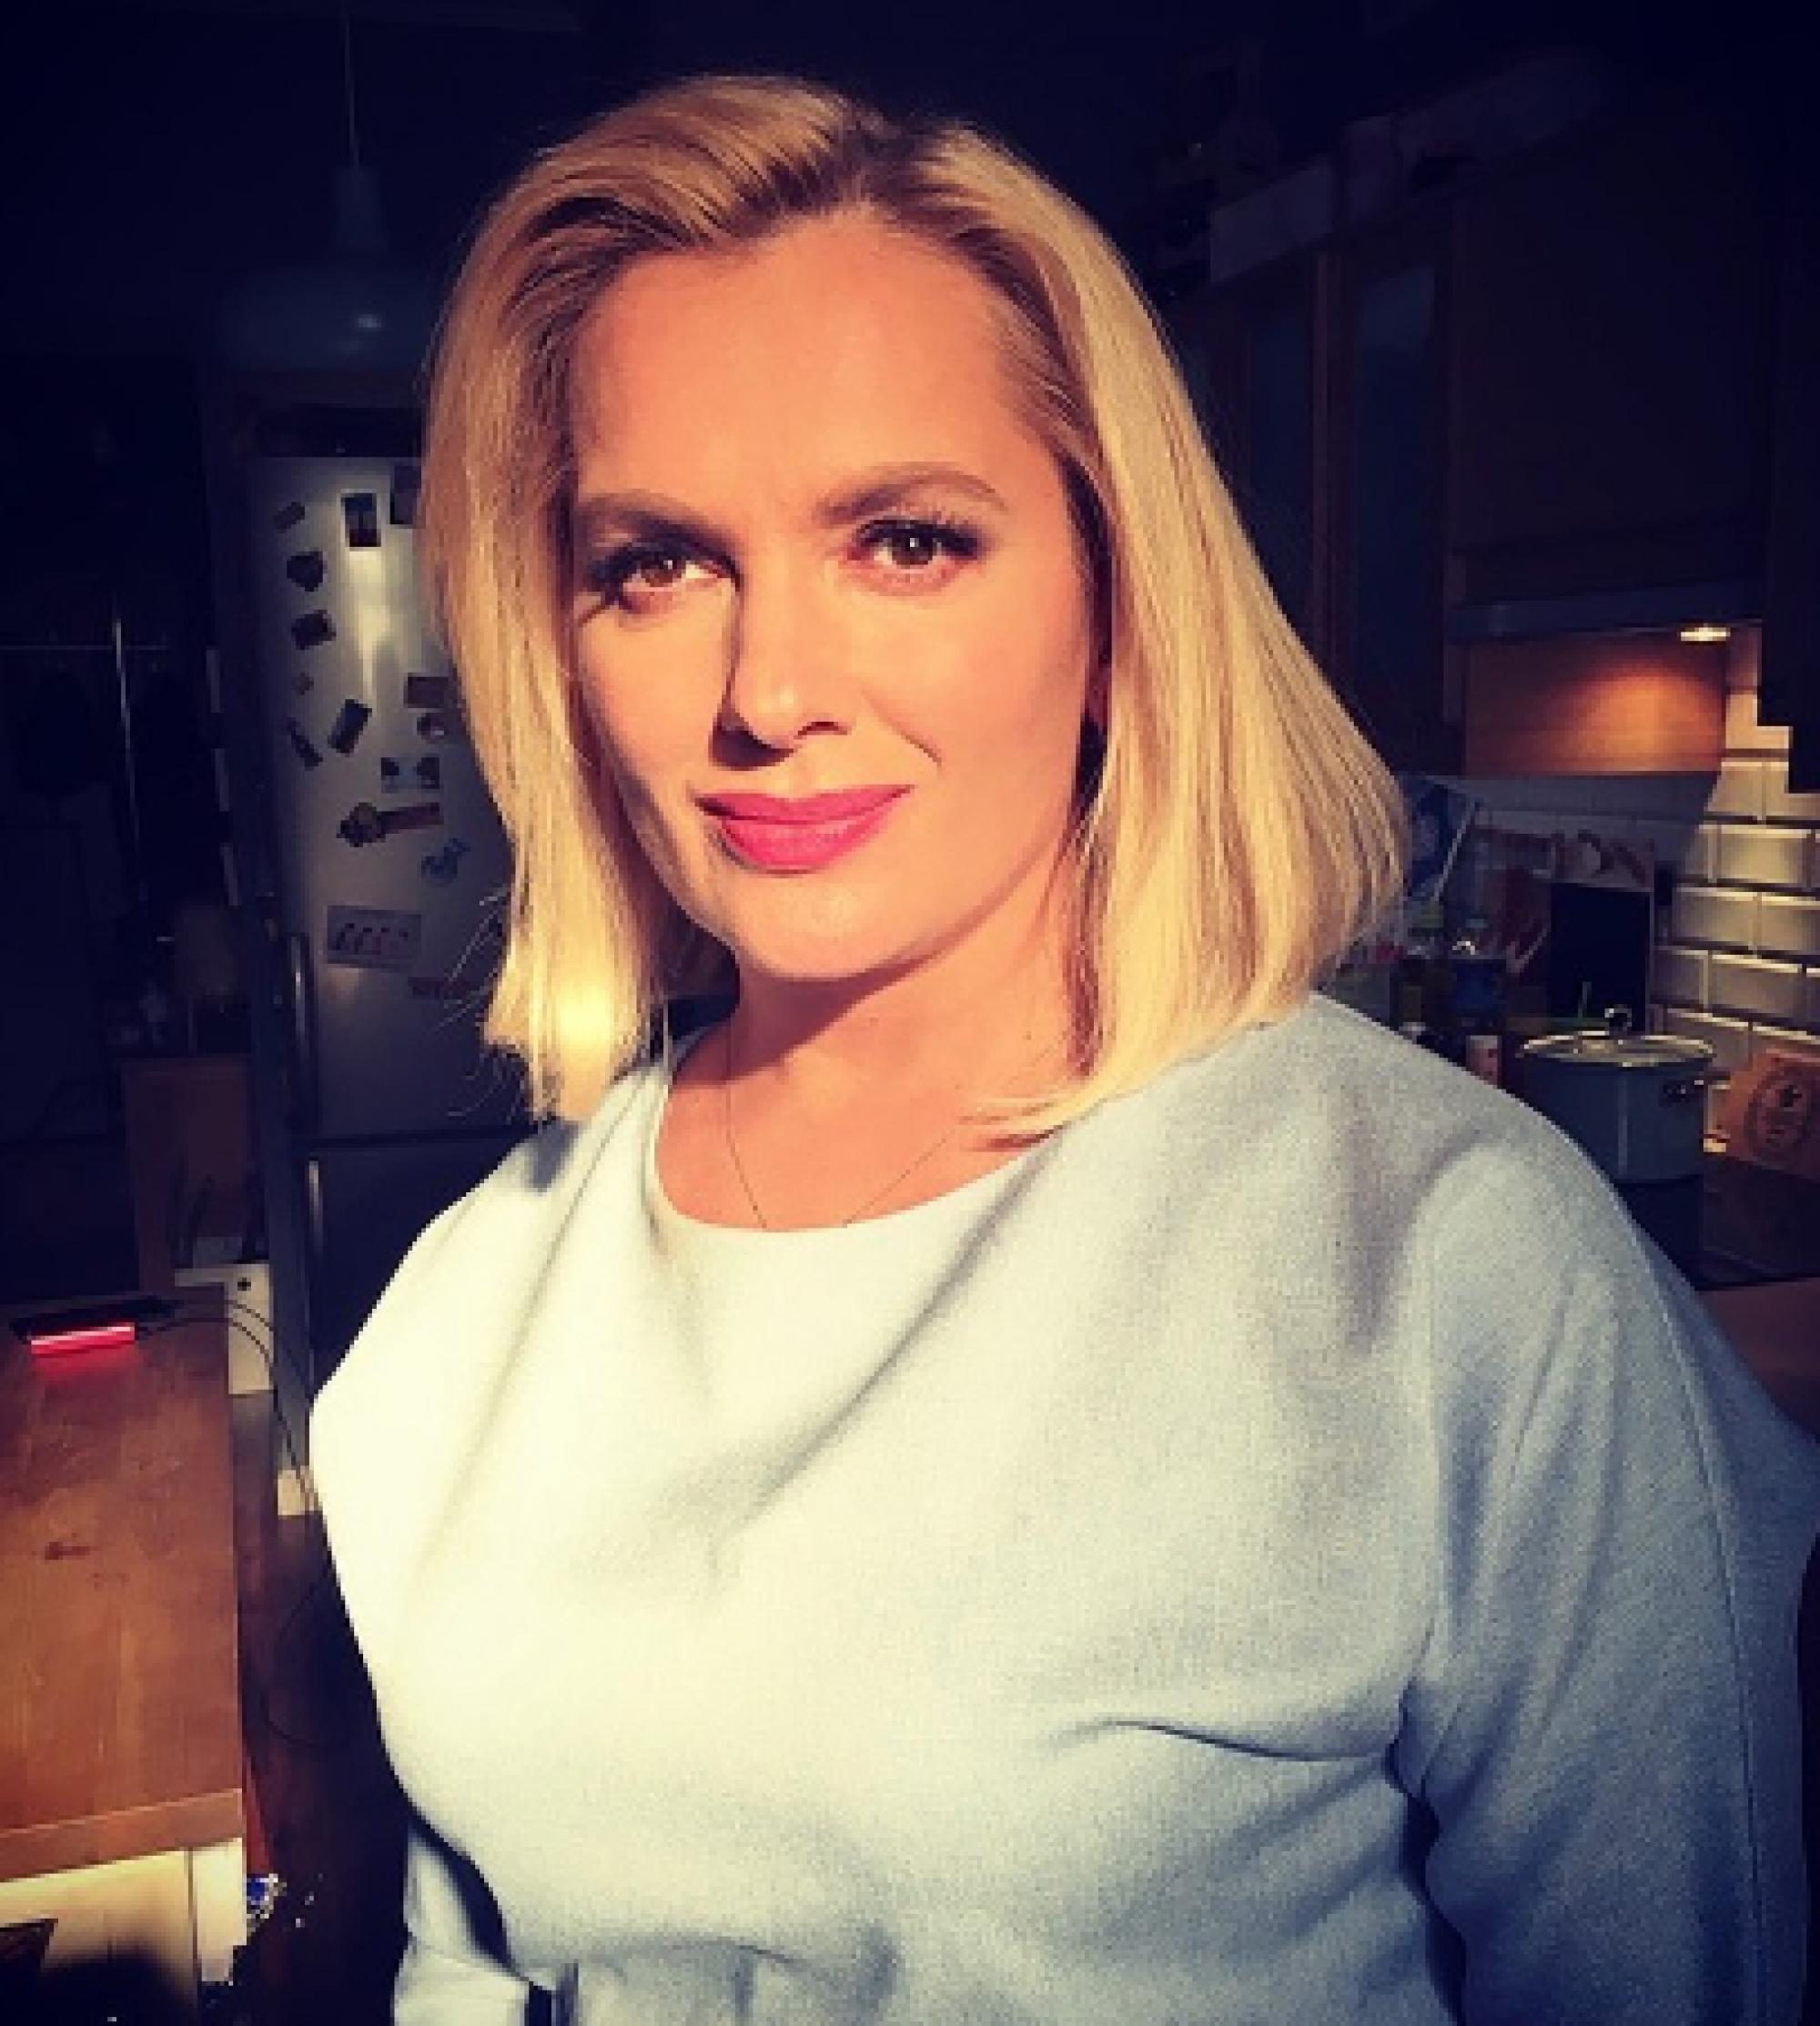 Мария Порошина преобразилась после скандала с экс-супругом